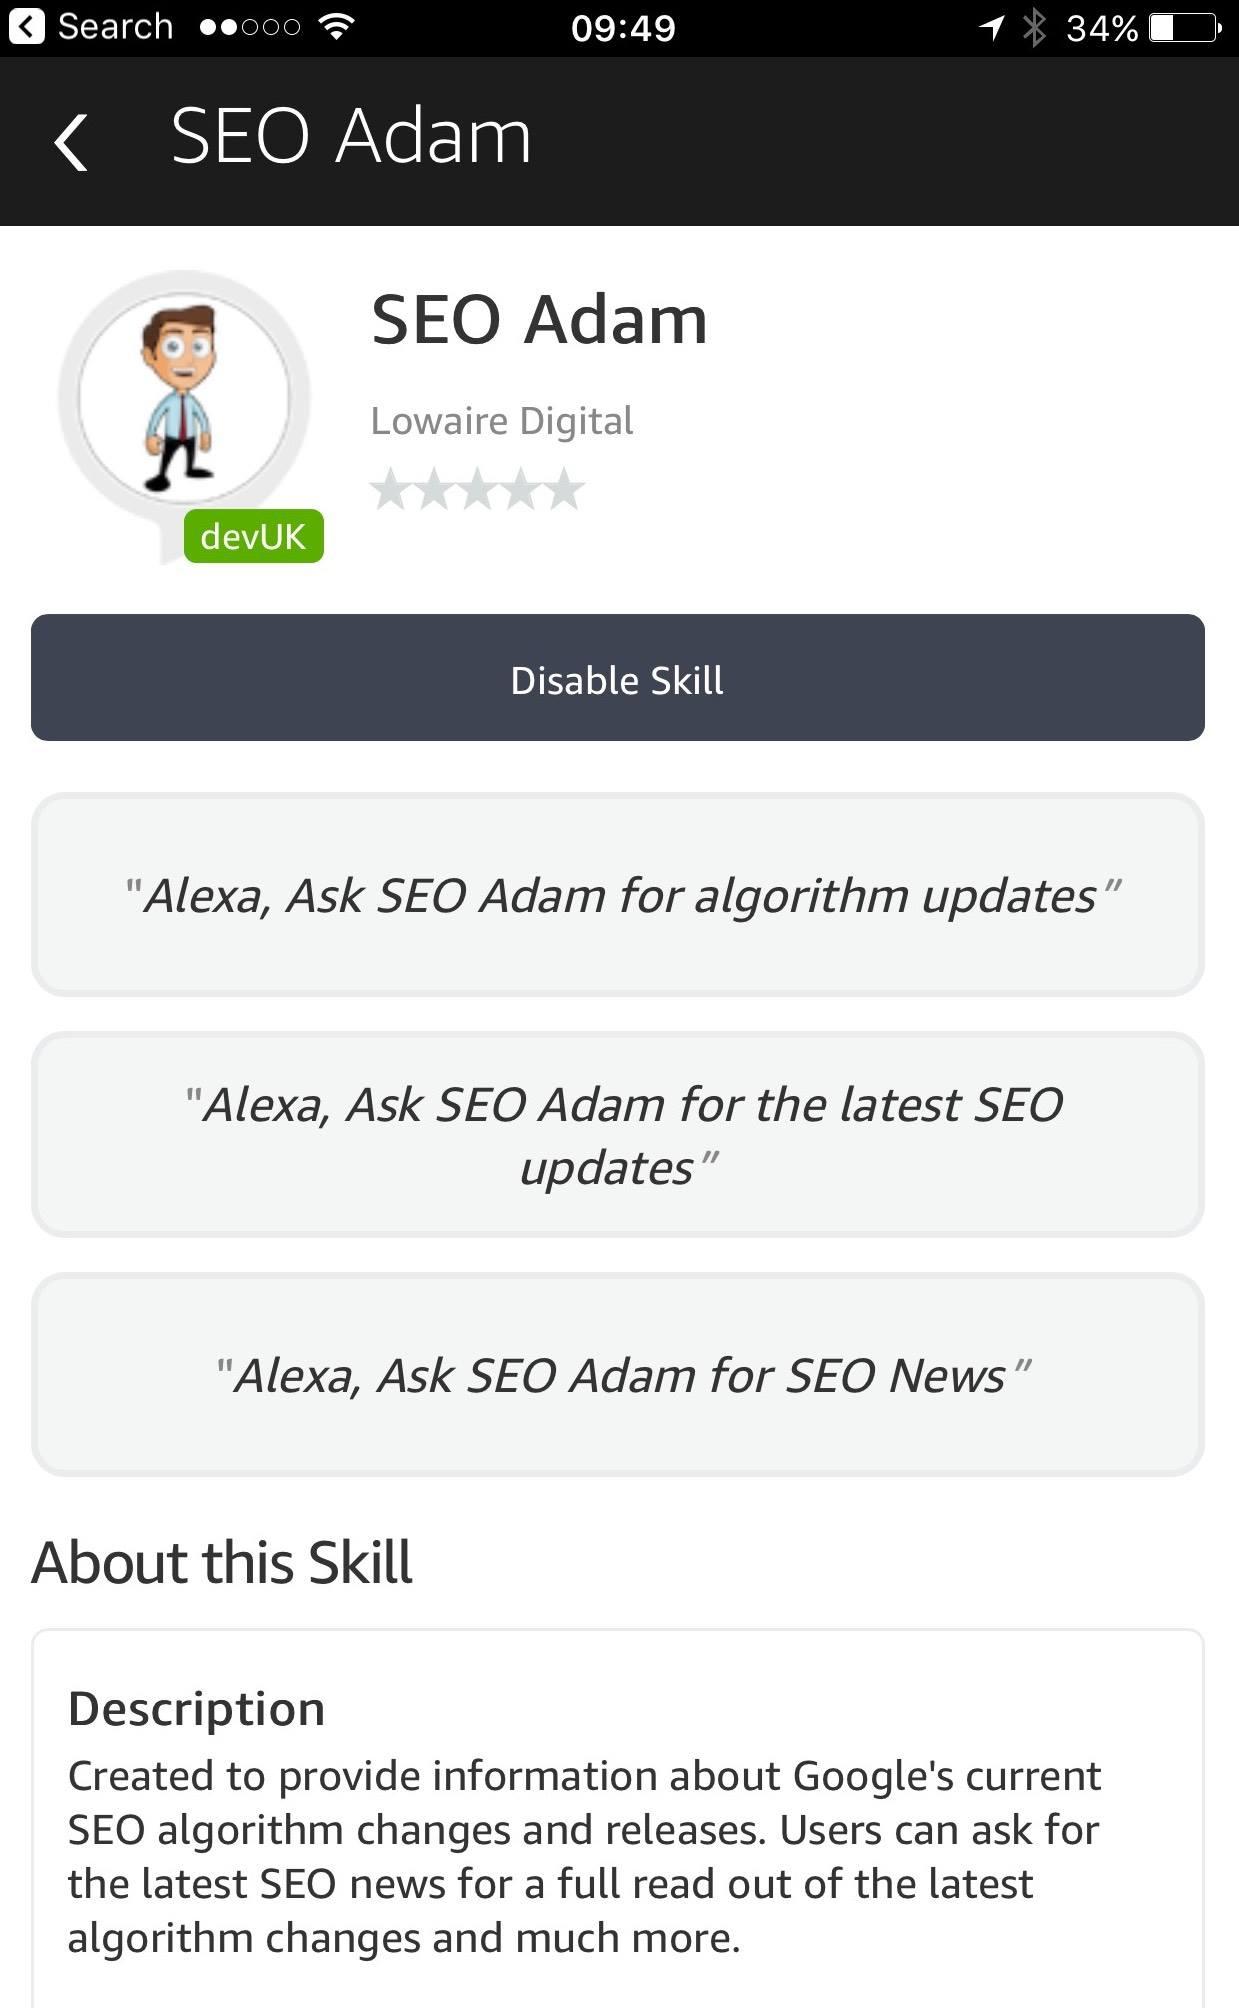 Amazon SEO App